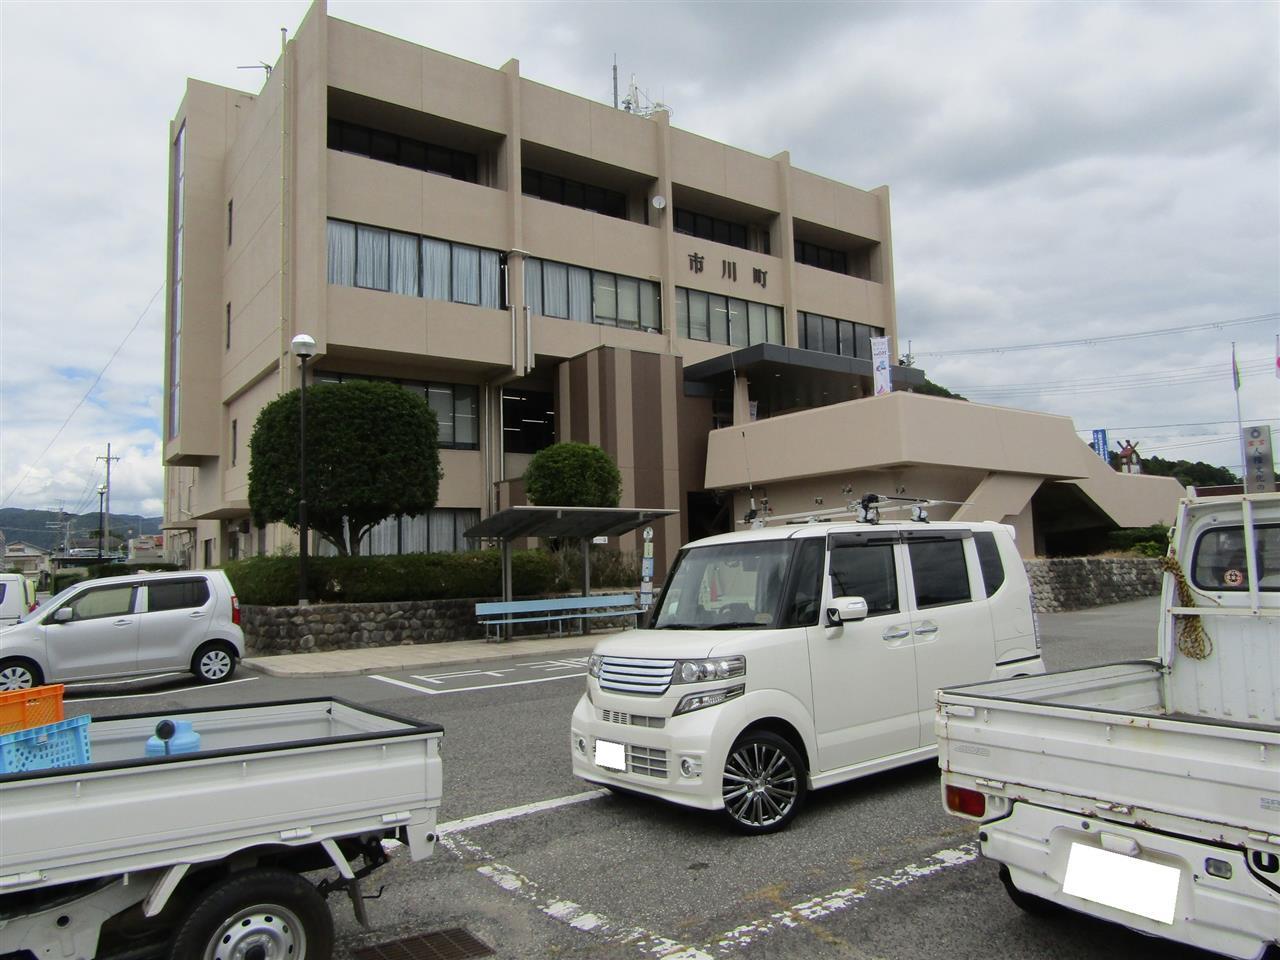 Images of 兵庫県小学校の廃校一...